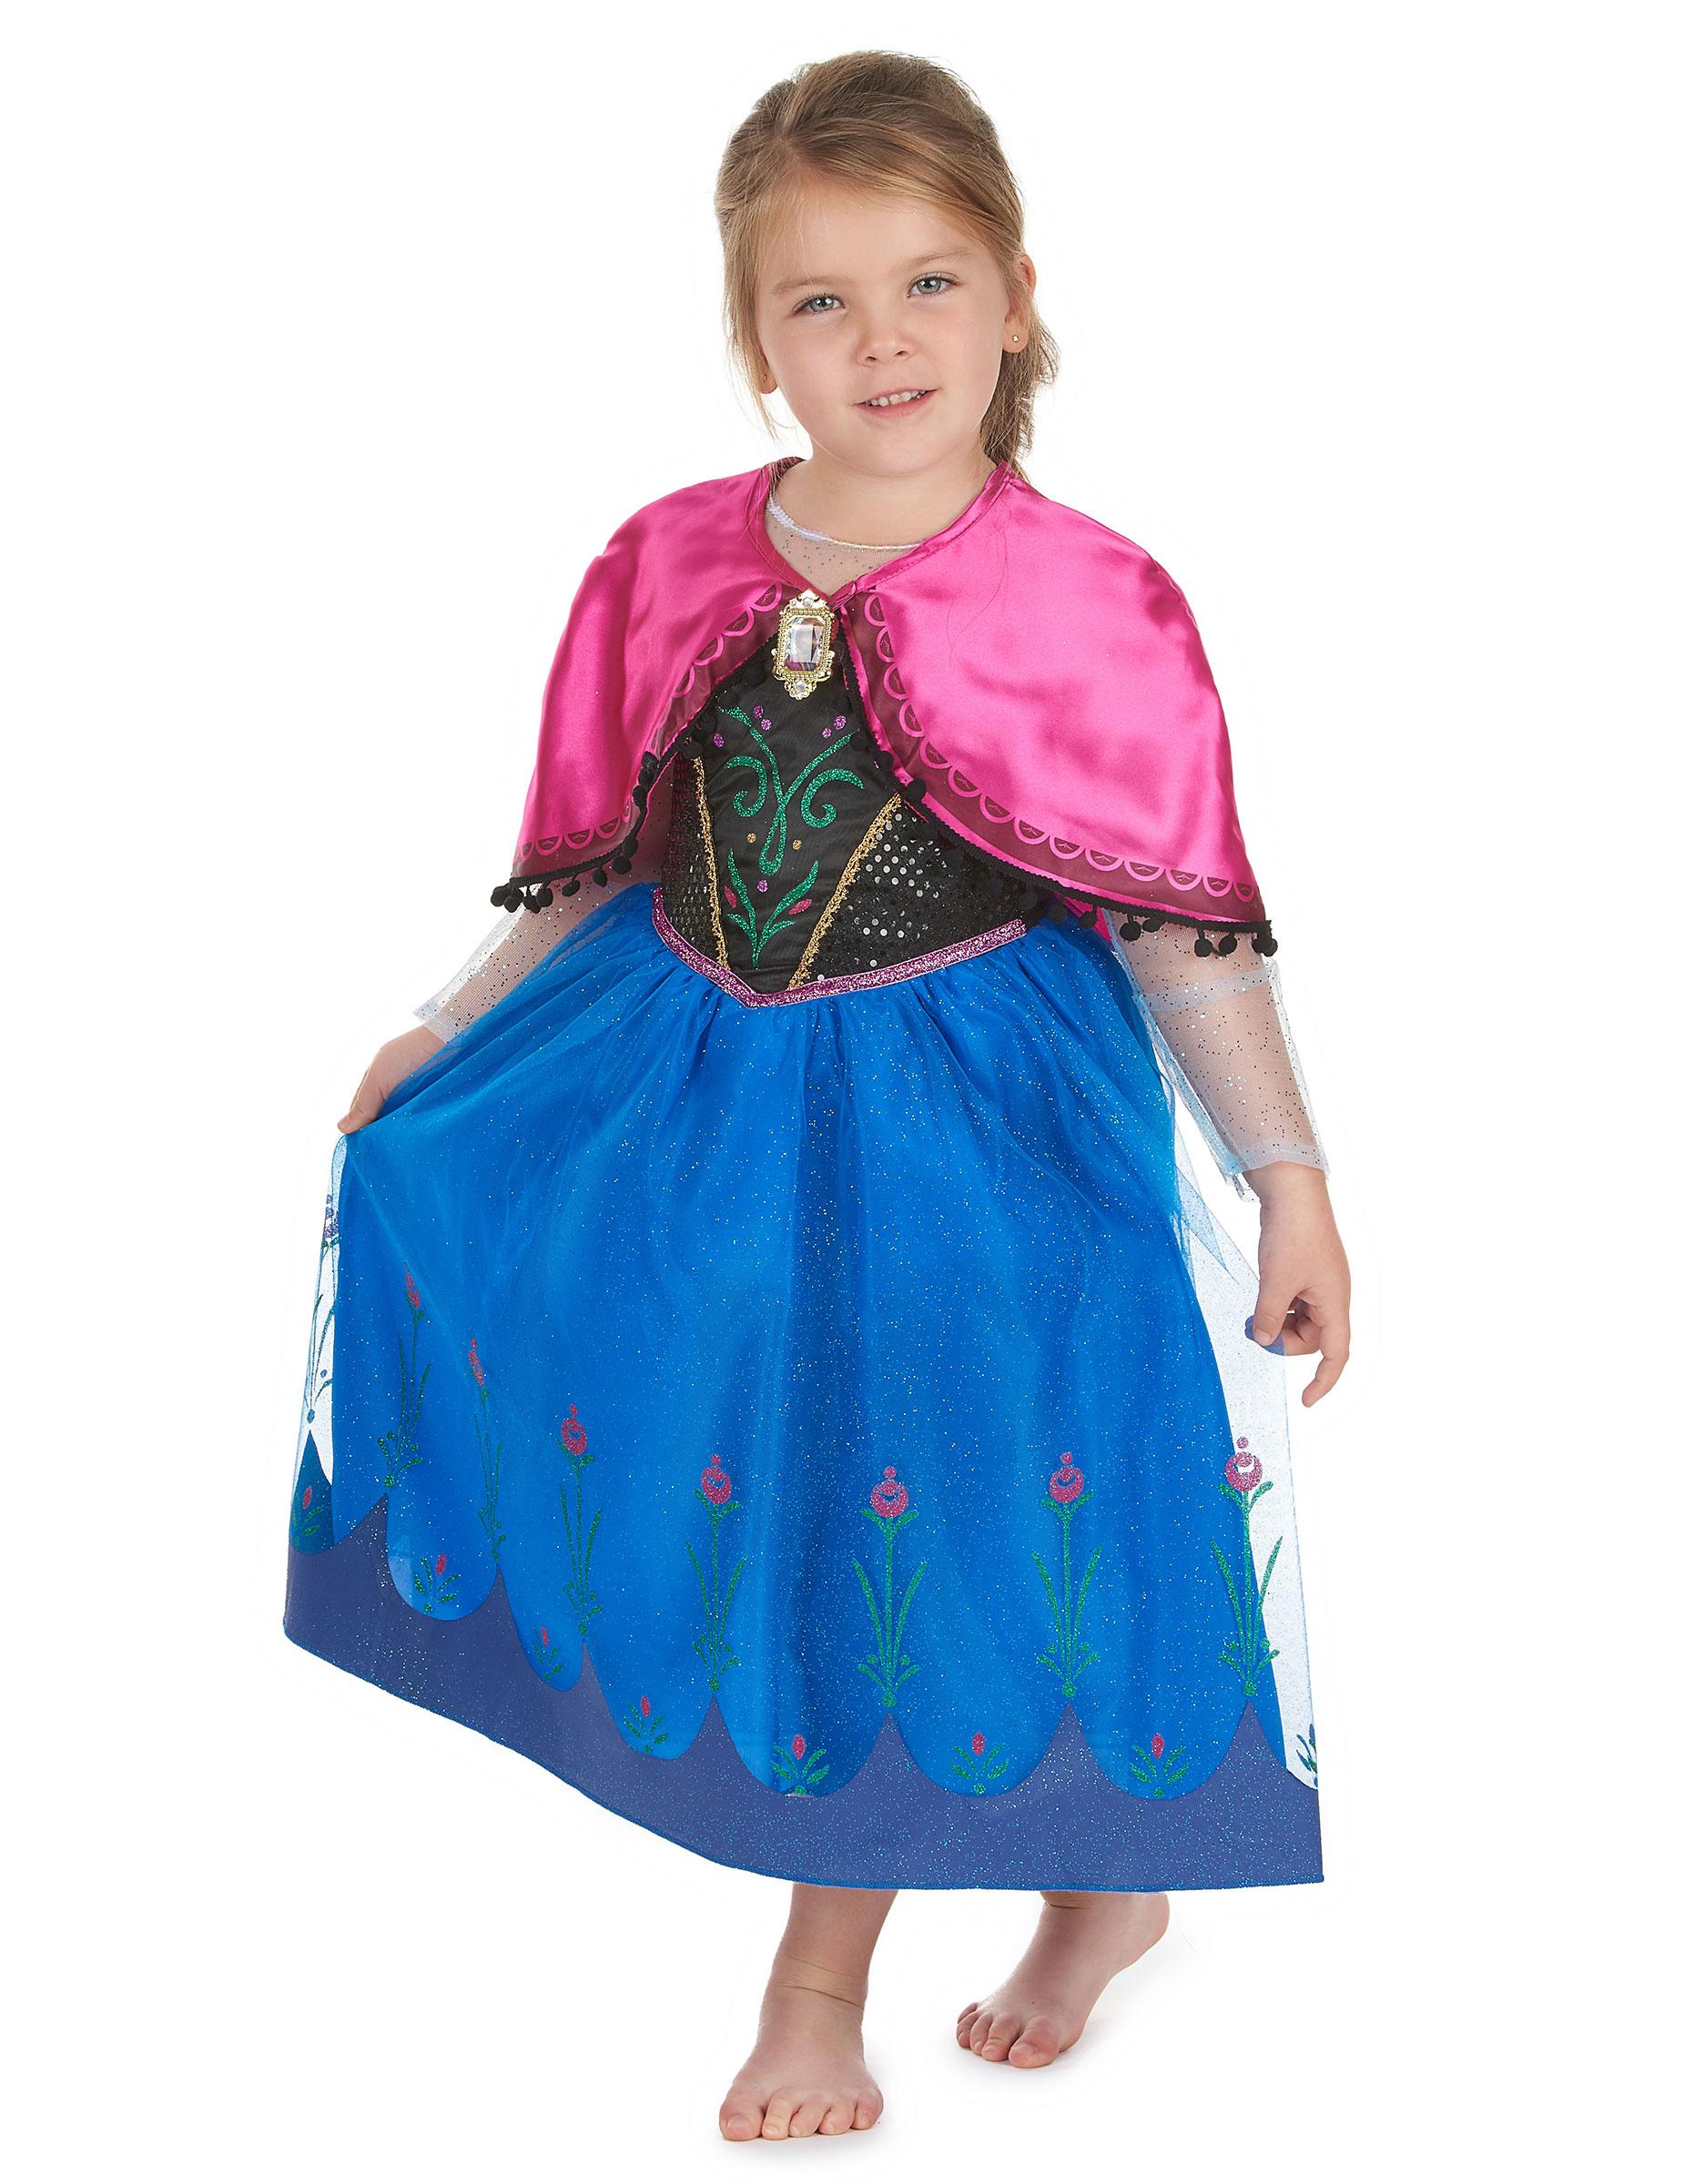 Edles Anna Kostüm für Mädchen Die Eiskönigin blau-pink ...